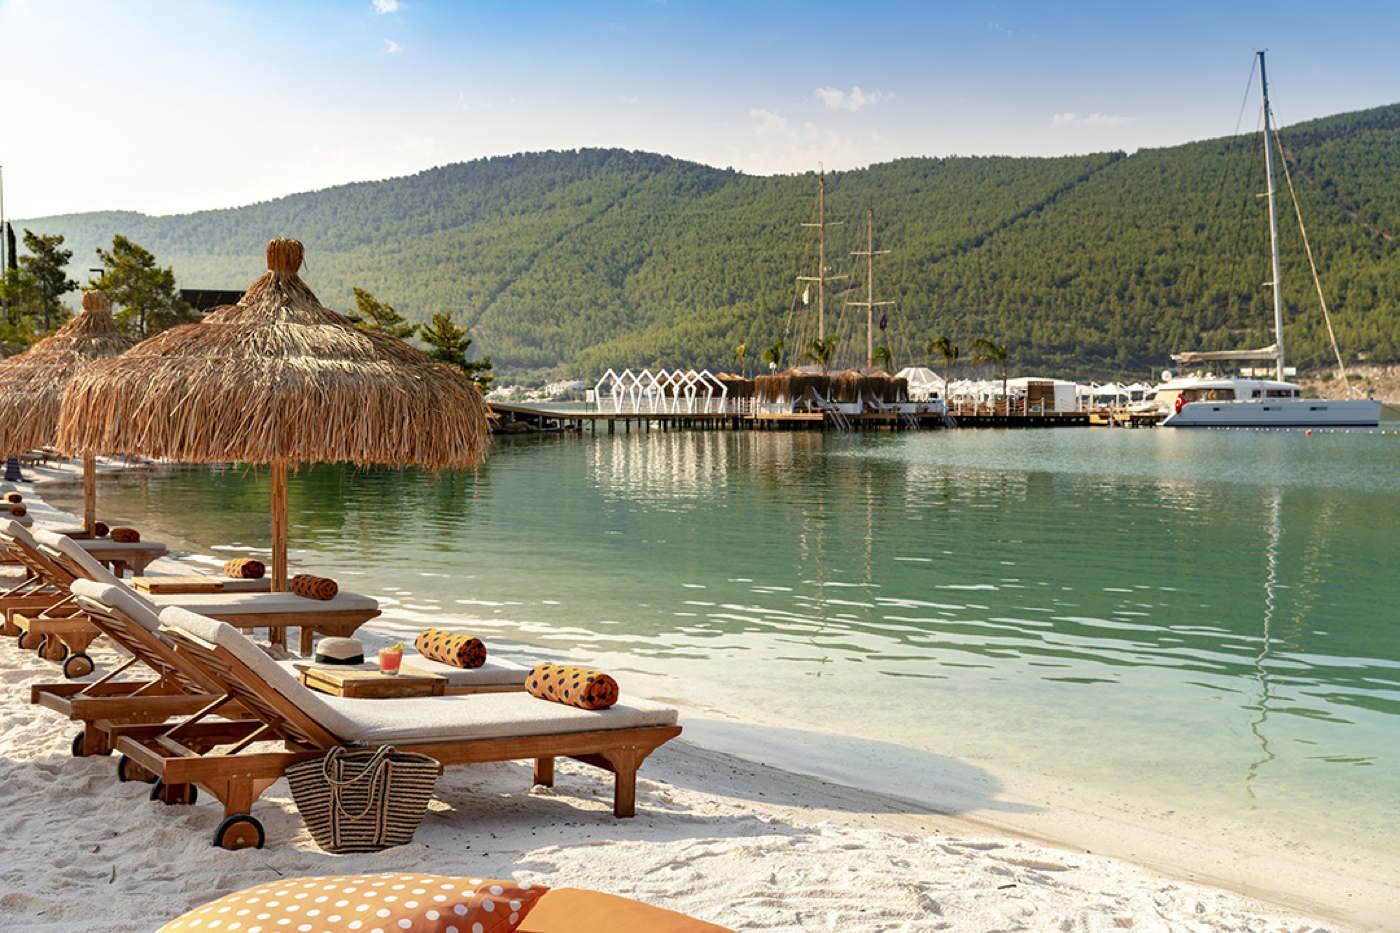 Ferienvilla Mit Pool Am Meer In Guvercinlik Türkei